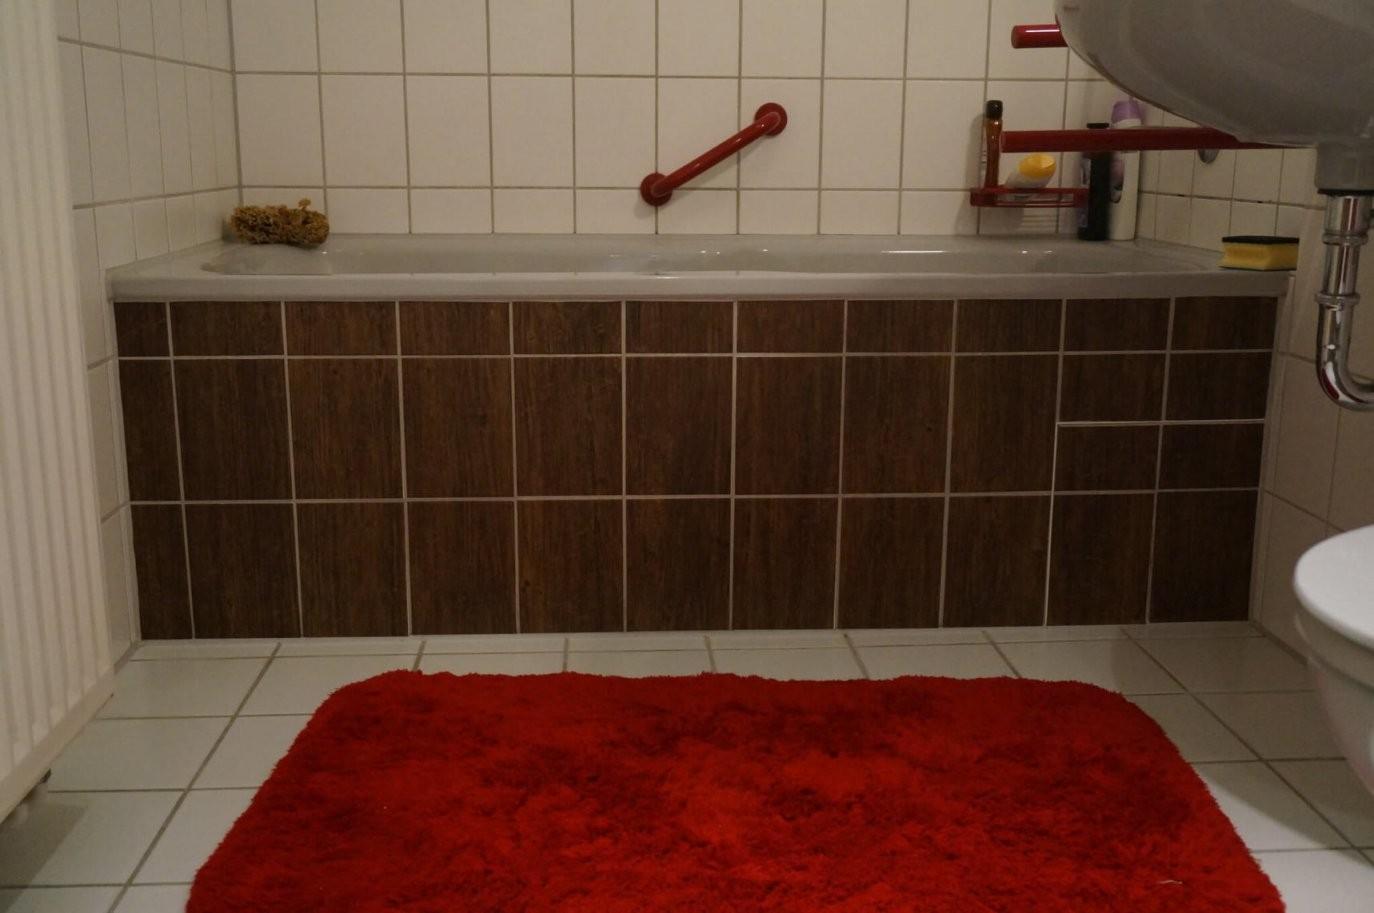 Fliesen Überkleben Küche  Fkh von Fliesen Mit Pvc Überkleben Bild